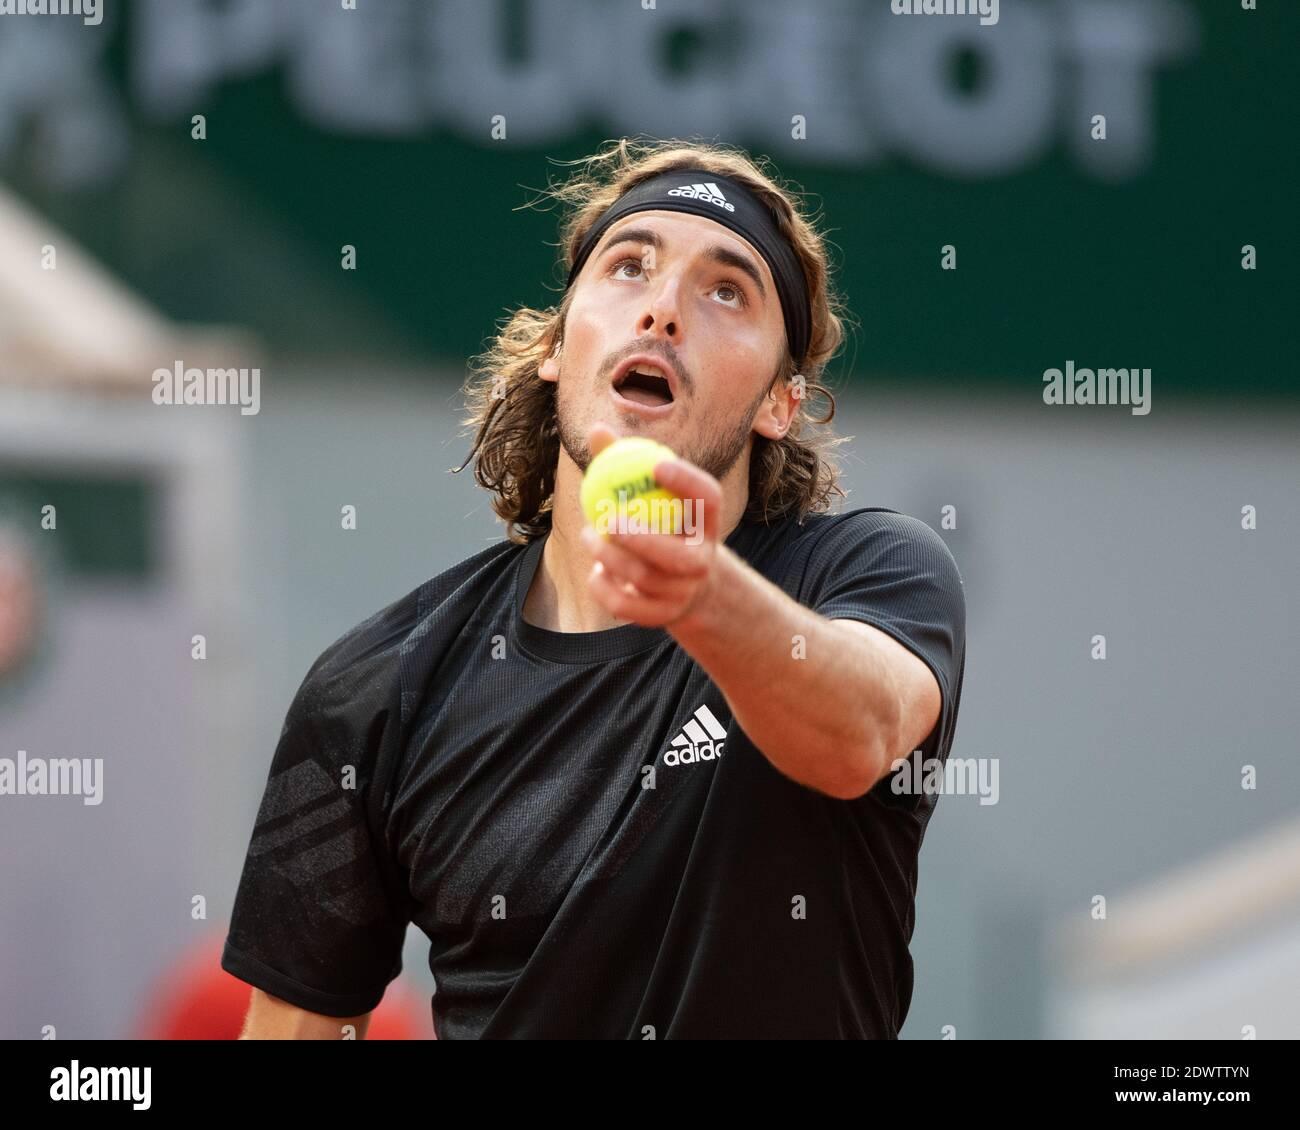 El tenista griego Stefanos Tsitsitas jugando un servicio durante un partido en el French Open 2020, París, Francia, Europa. Foto de stock